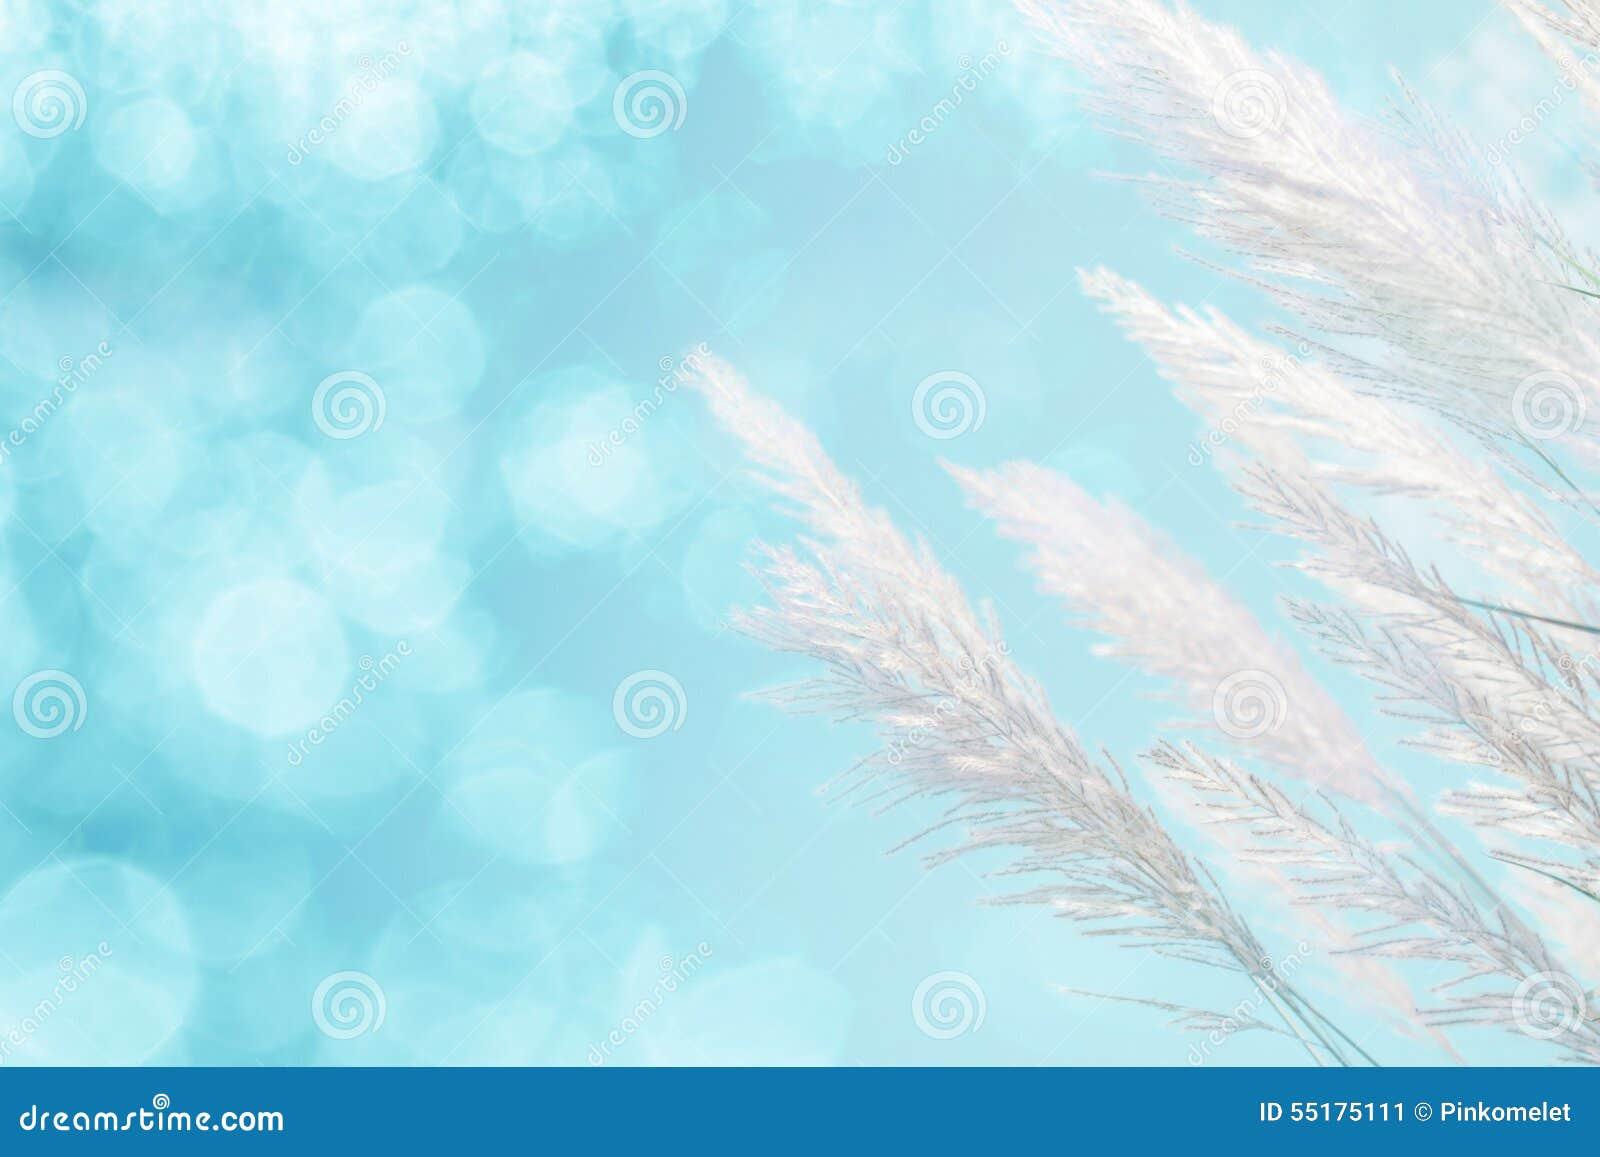 Foco macio abstrato do fundo azul fresco da grama da pena do softness da iluminação